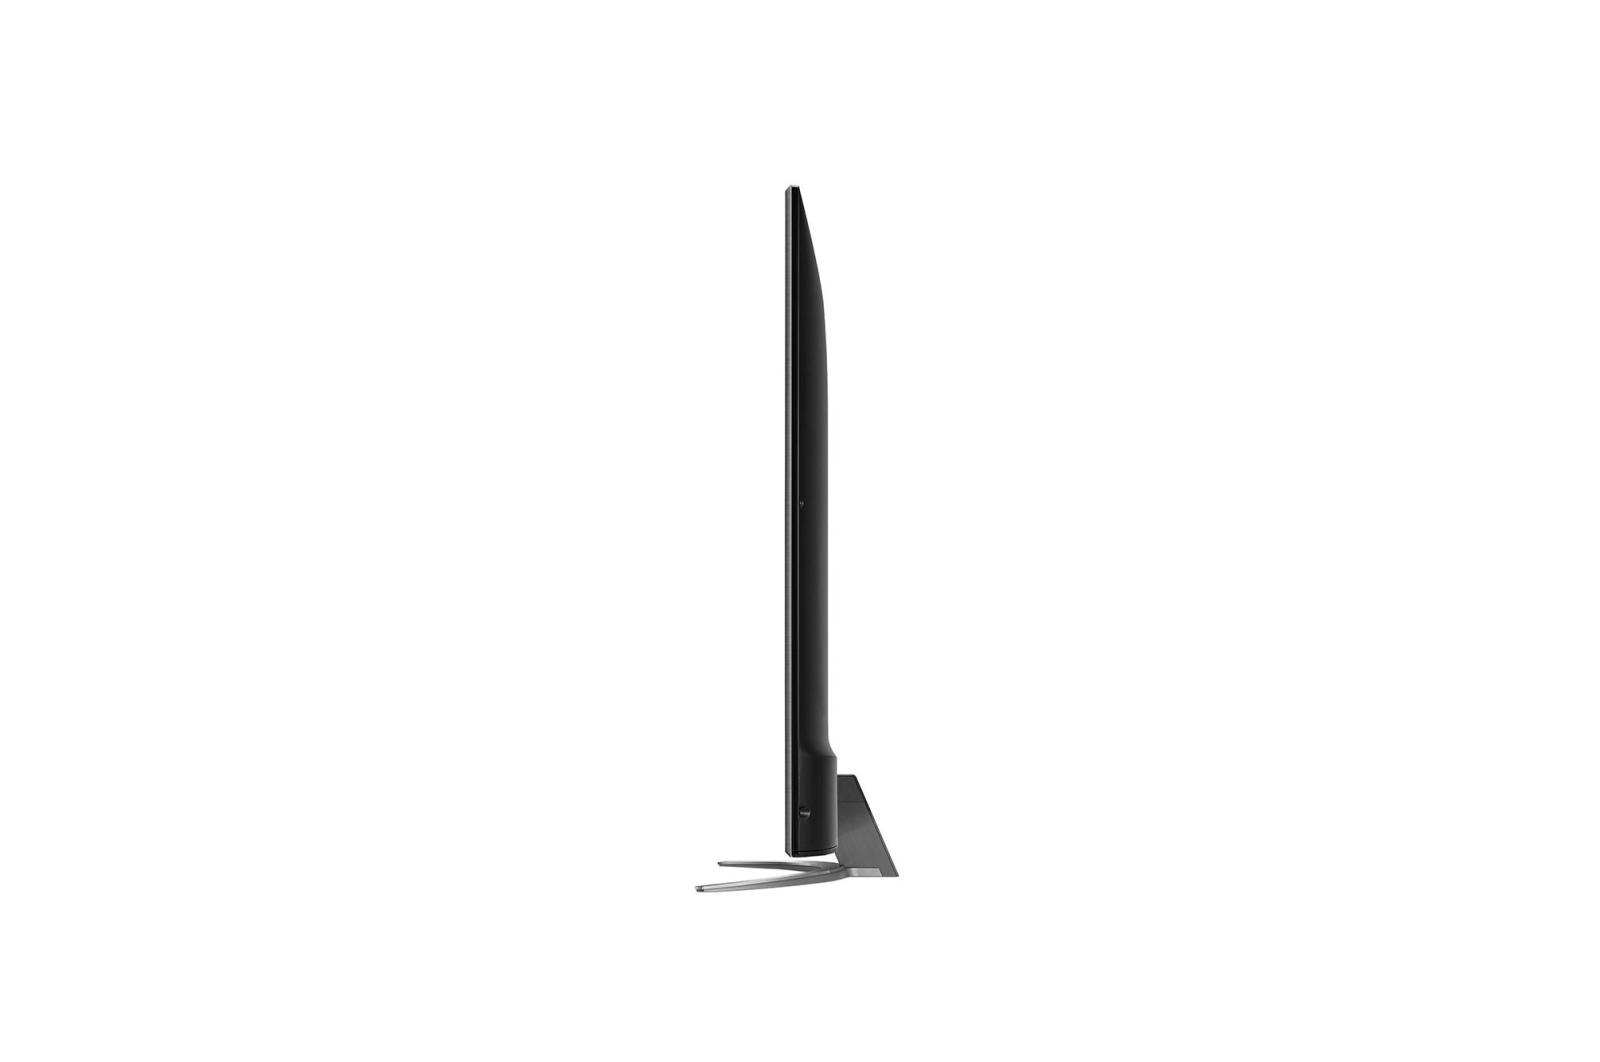 Televizor LG LED 75UN81006LB  - 4